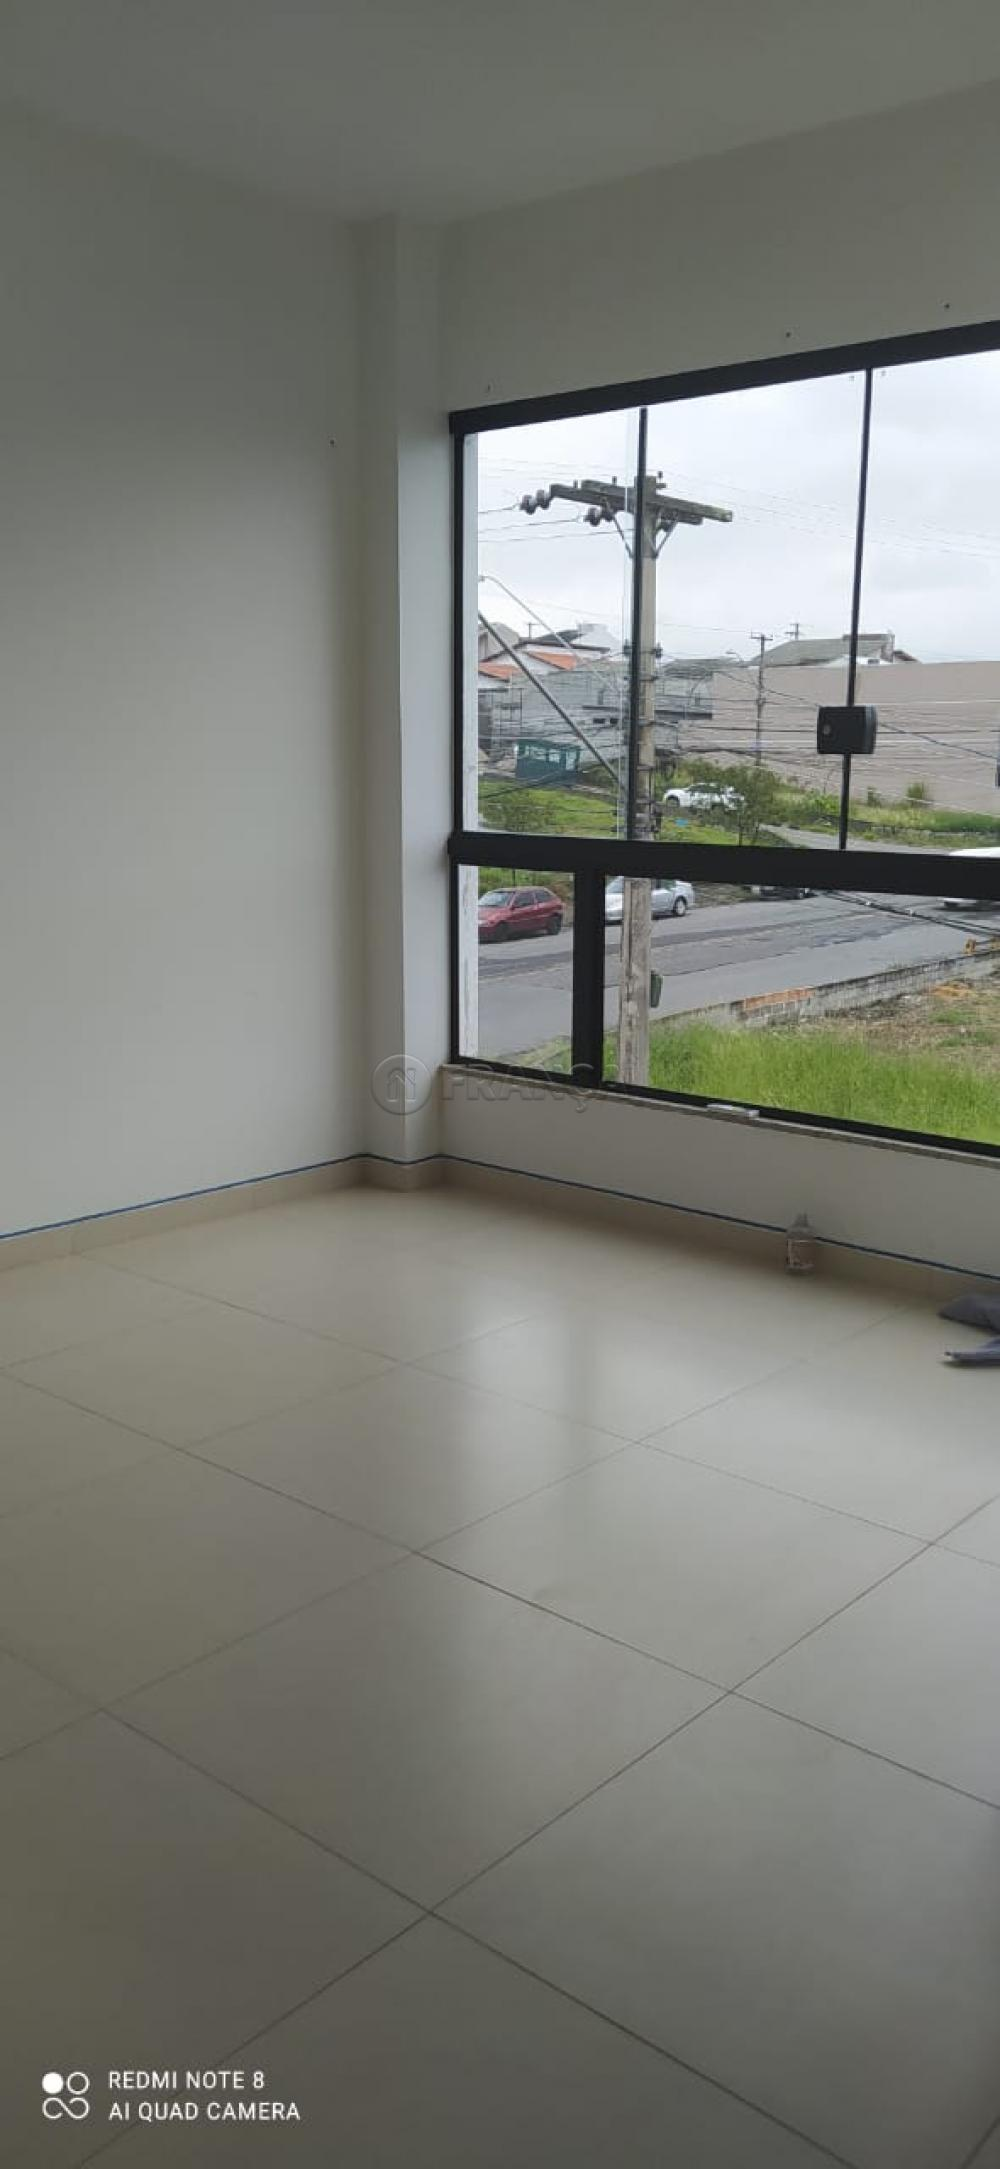 Alugar Comercial / Sala em Jacareí apenas R$ 1.000,00 - Foto 8